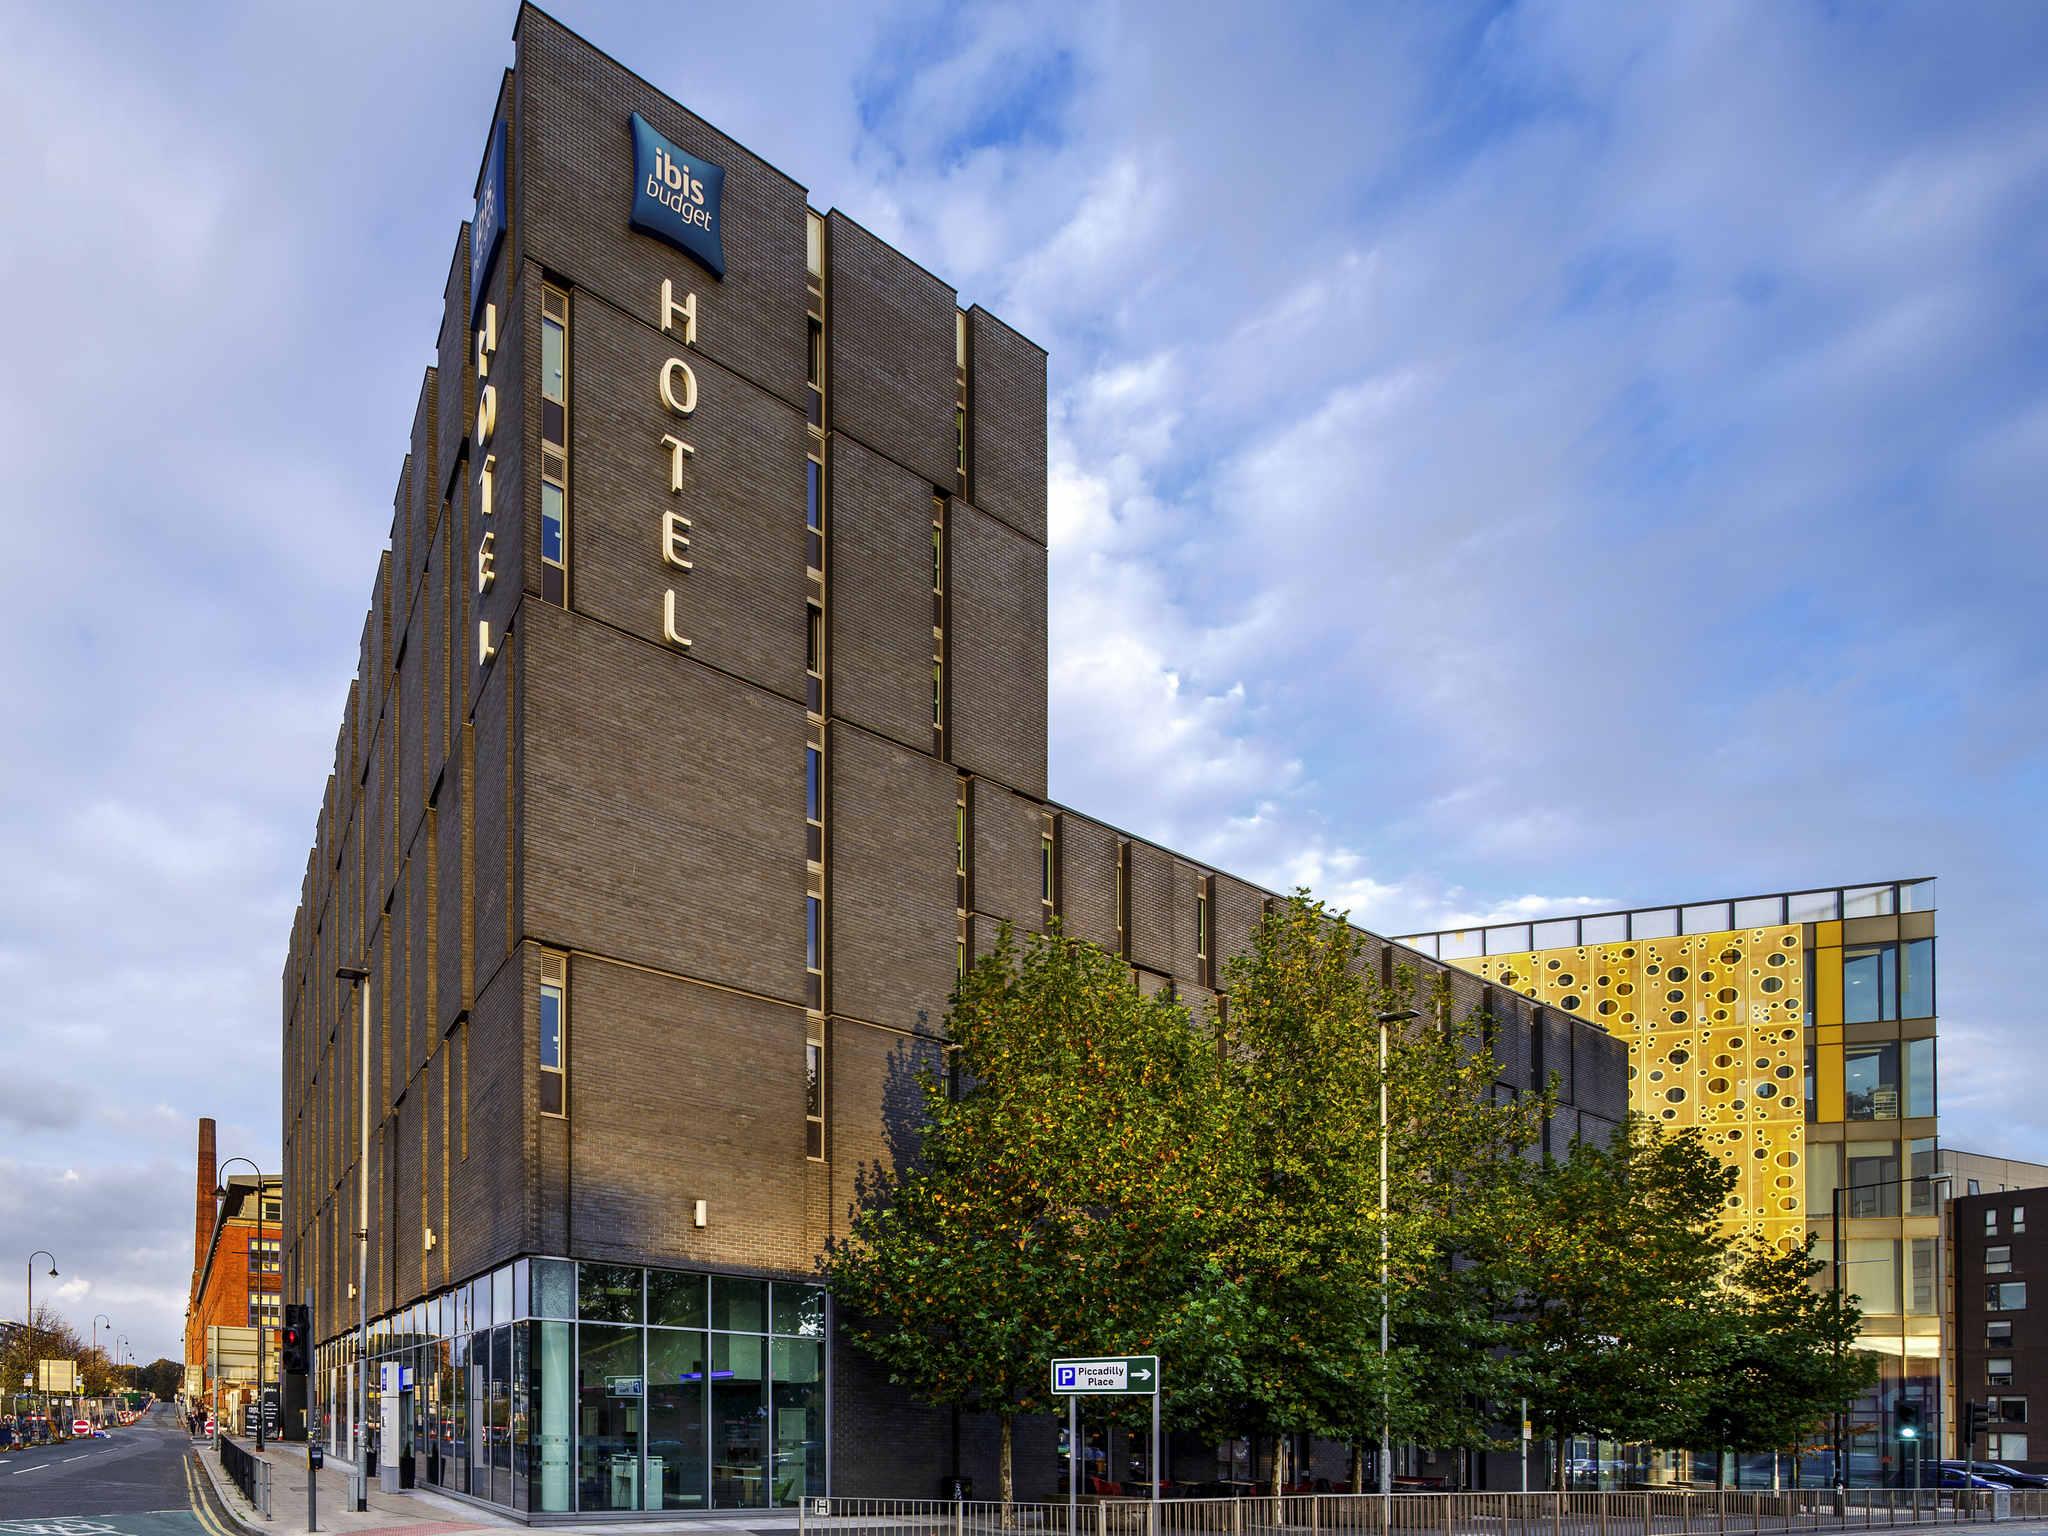 酒店 – Ibis budget 曼彻斯特中心 Pollard 街酒店